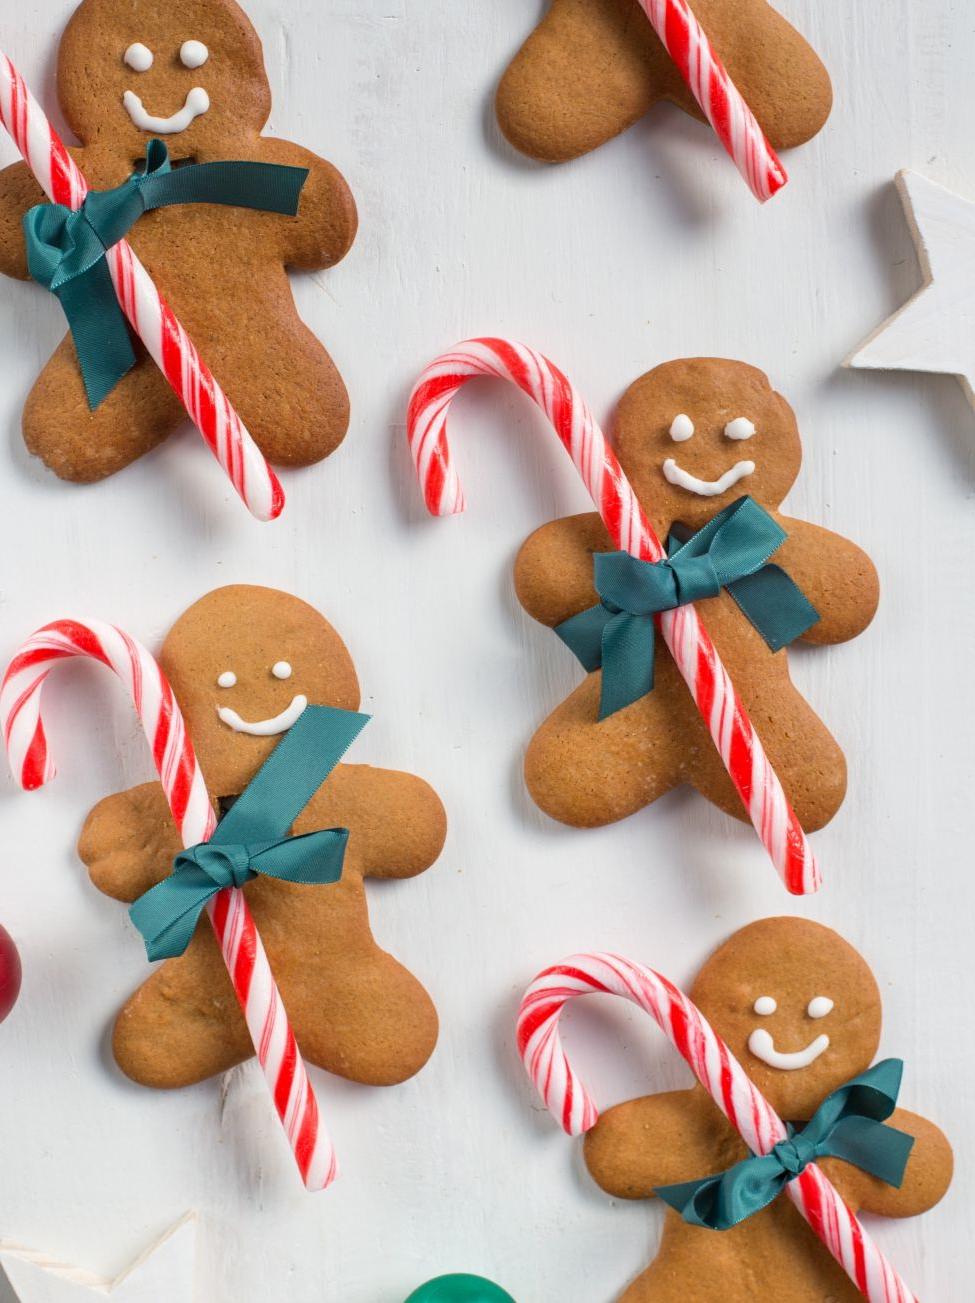 Biscuits bonshommes - une recette gourmande à réaliser avec vos enfants